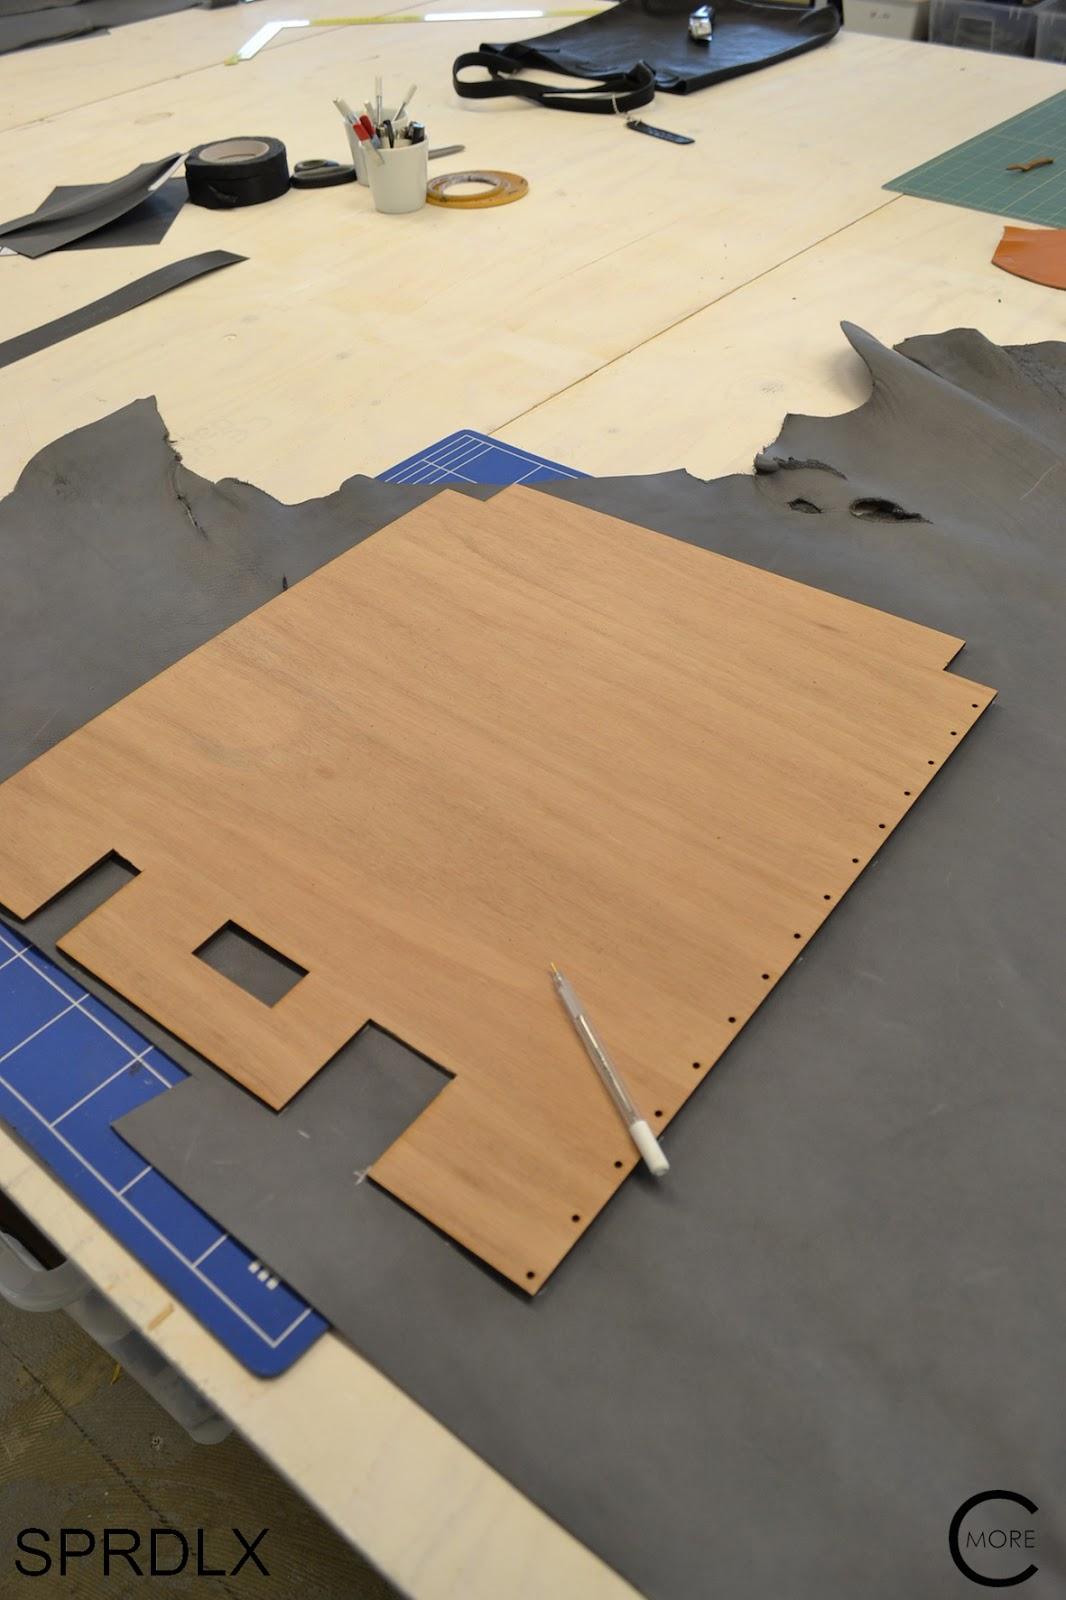 Leren Tas Zelf Maken : C more interieuradvies interior and design hoe